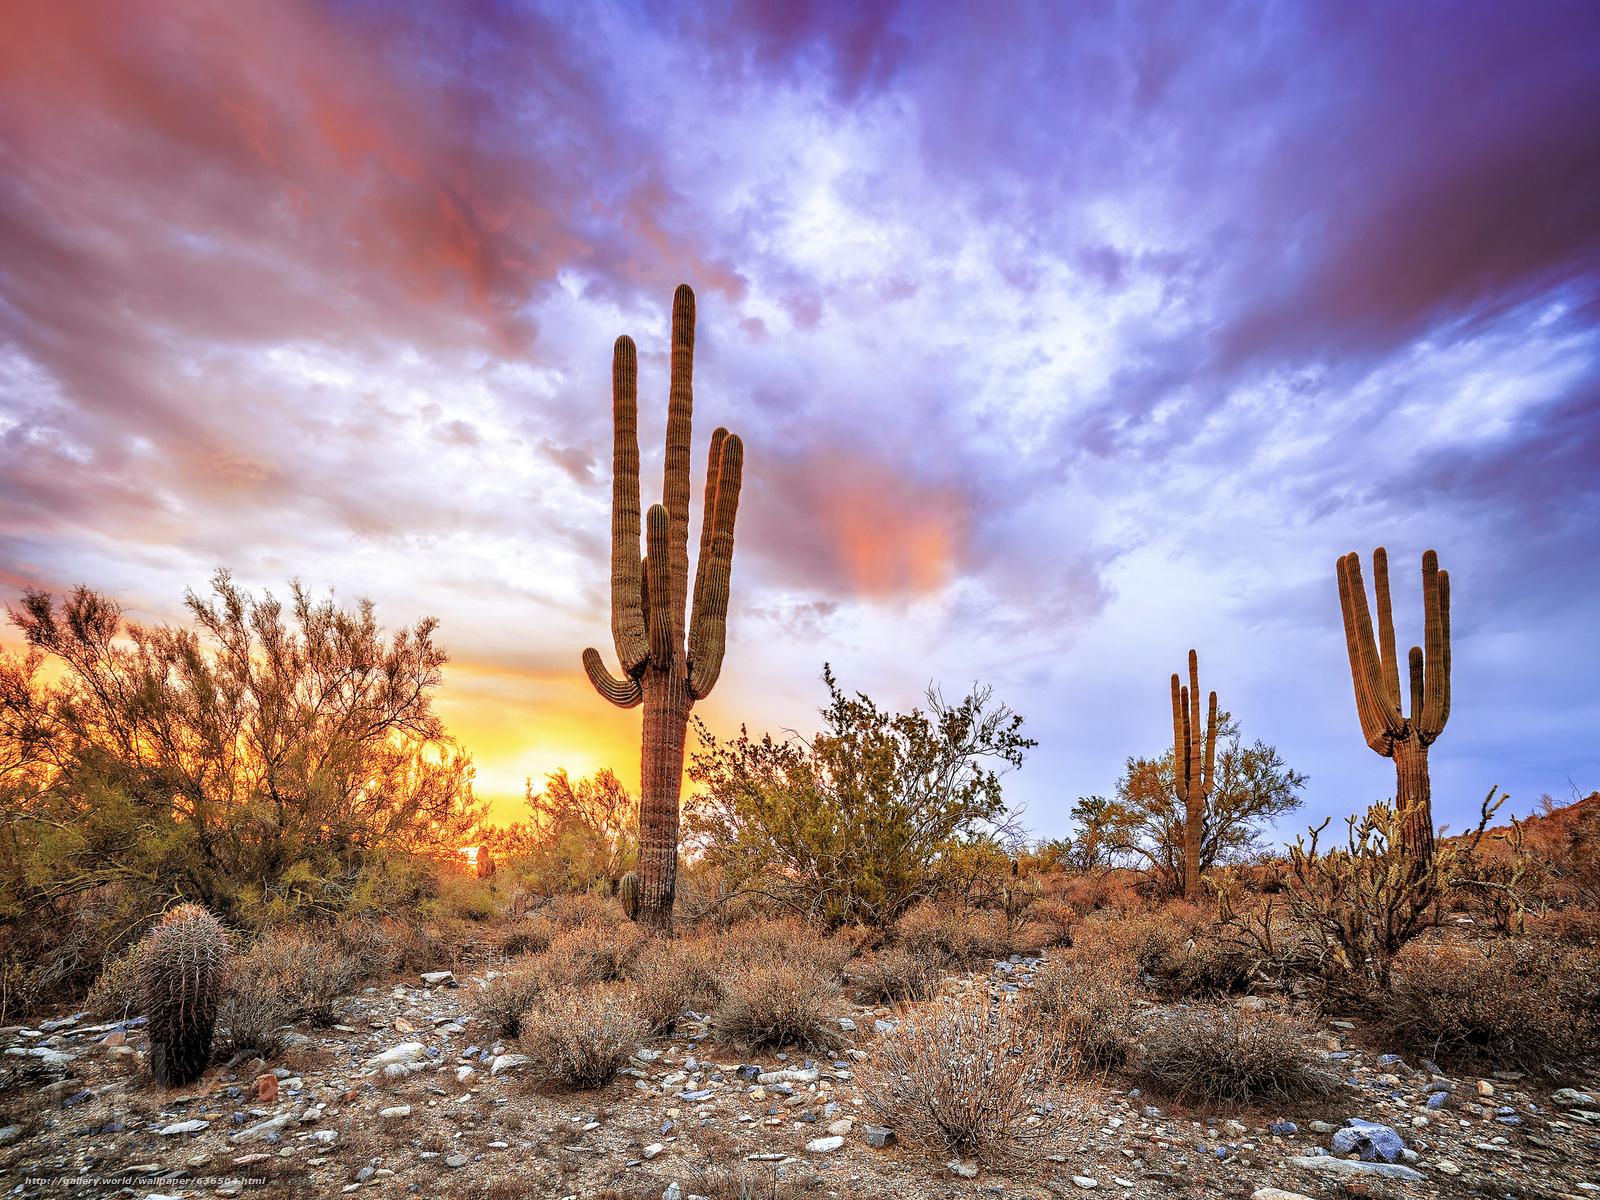 Скачать обои закат,  пустыня Сонора,  штат Аризона,  пейзаж бесплатно для рабочего стола в разрешении 2048x1536 — картинка №636504